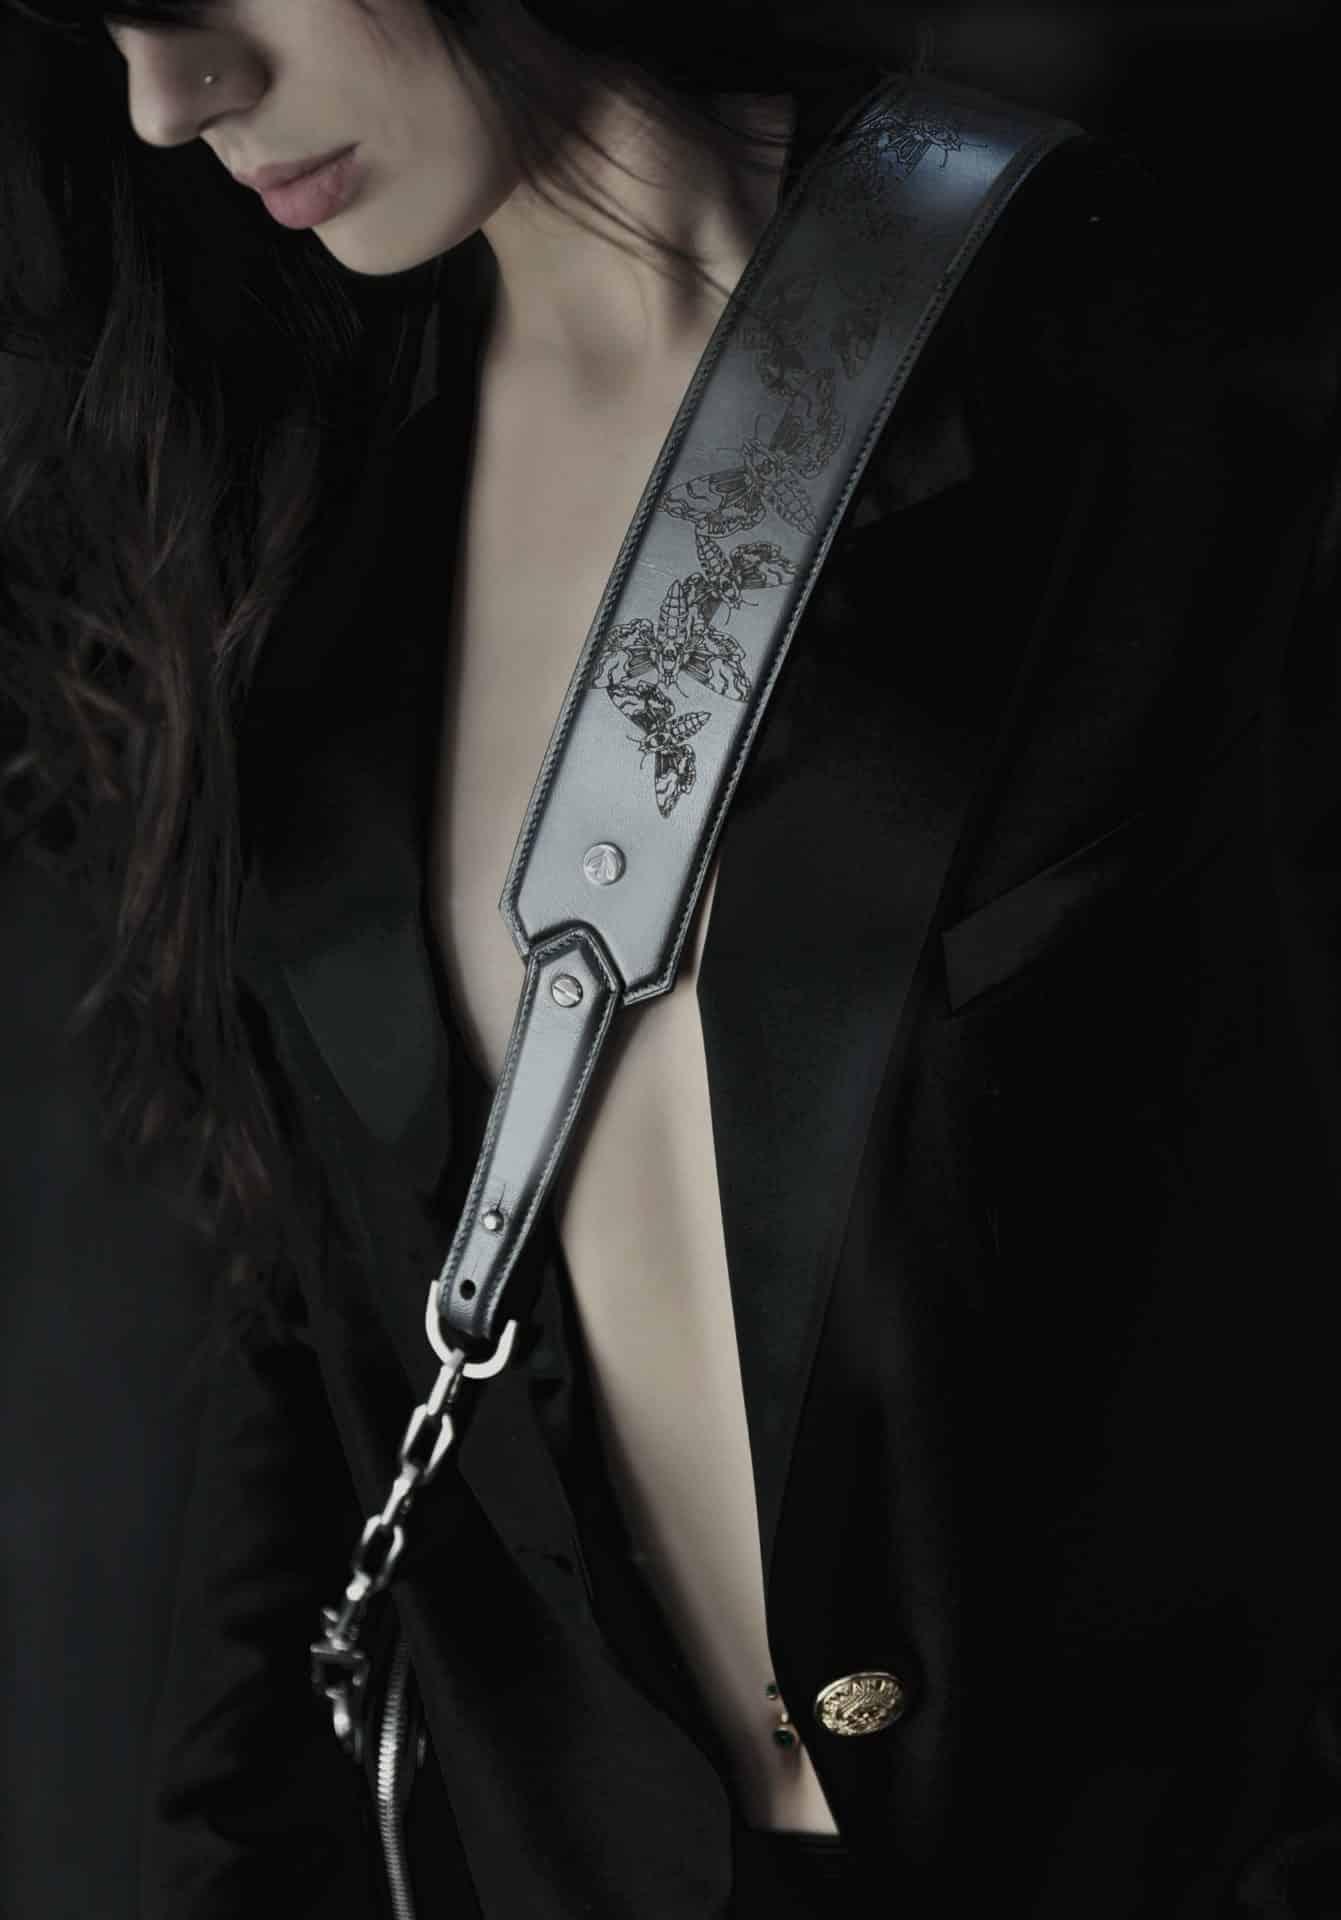 Style chic et pratique pour les bandoulières en peaux précieuses qui iront sur tous vos sacs. Les tattoos sphinx, dagues et roses ornent les cuirs unis.